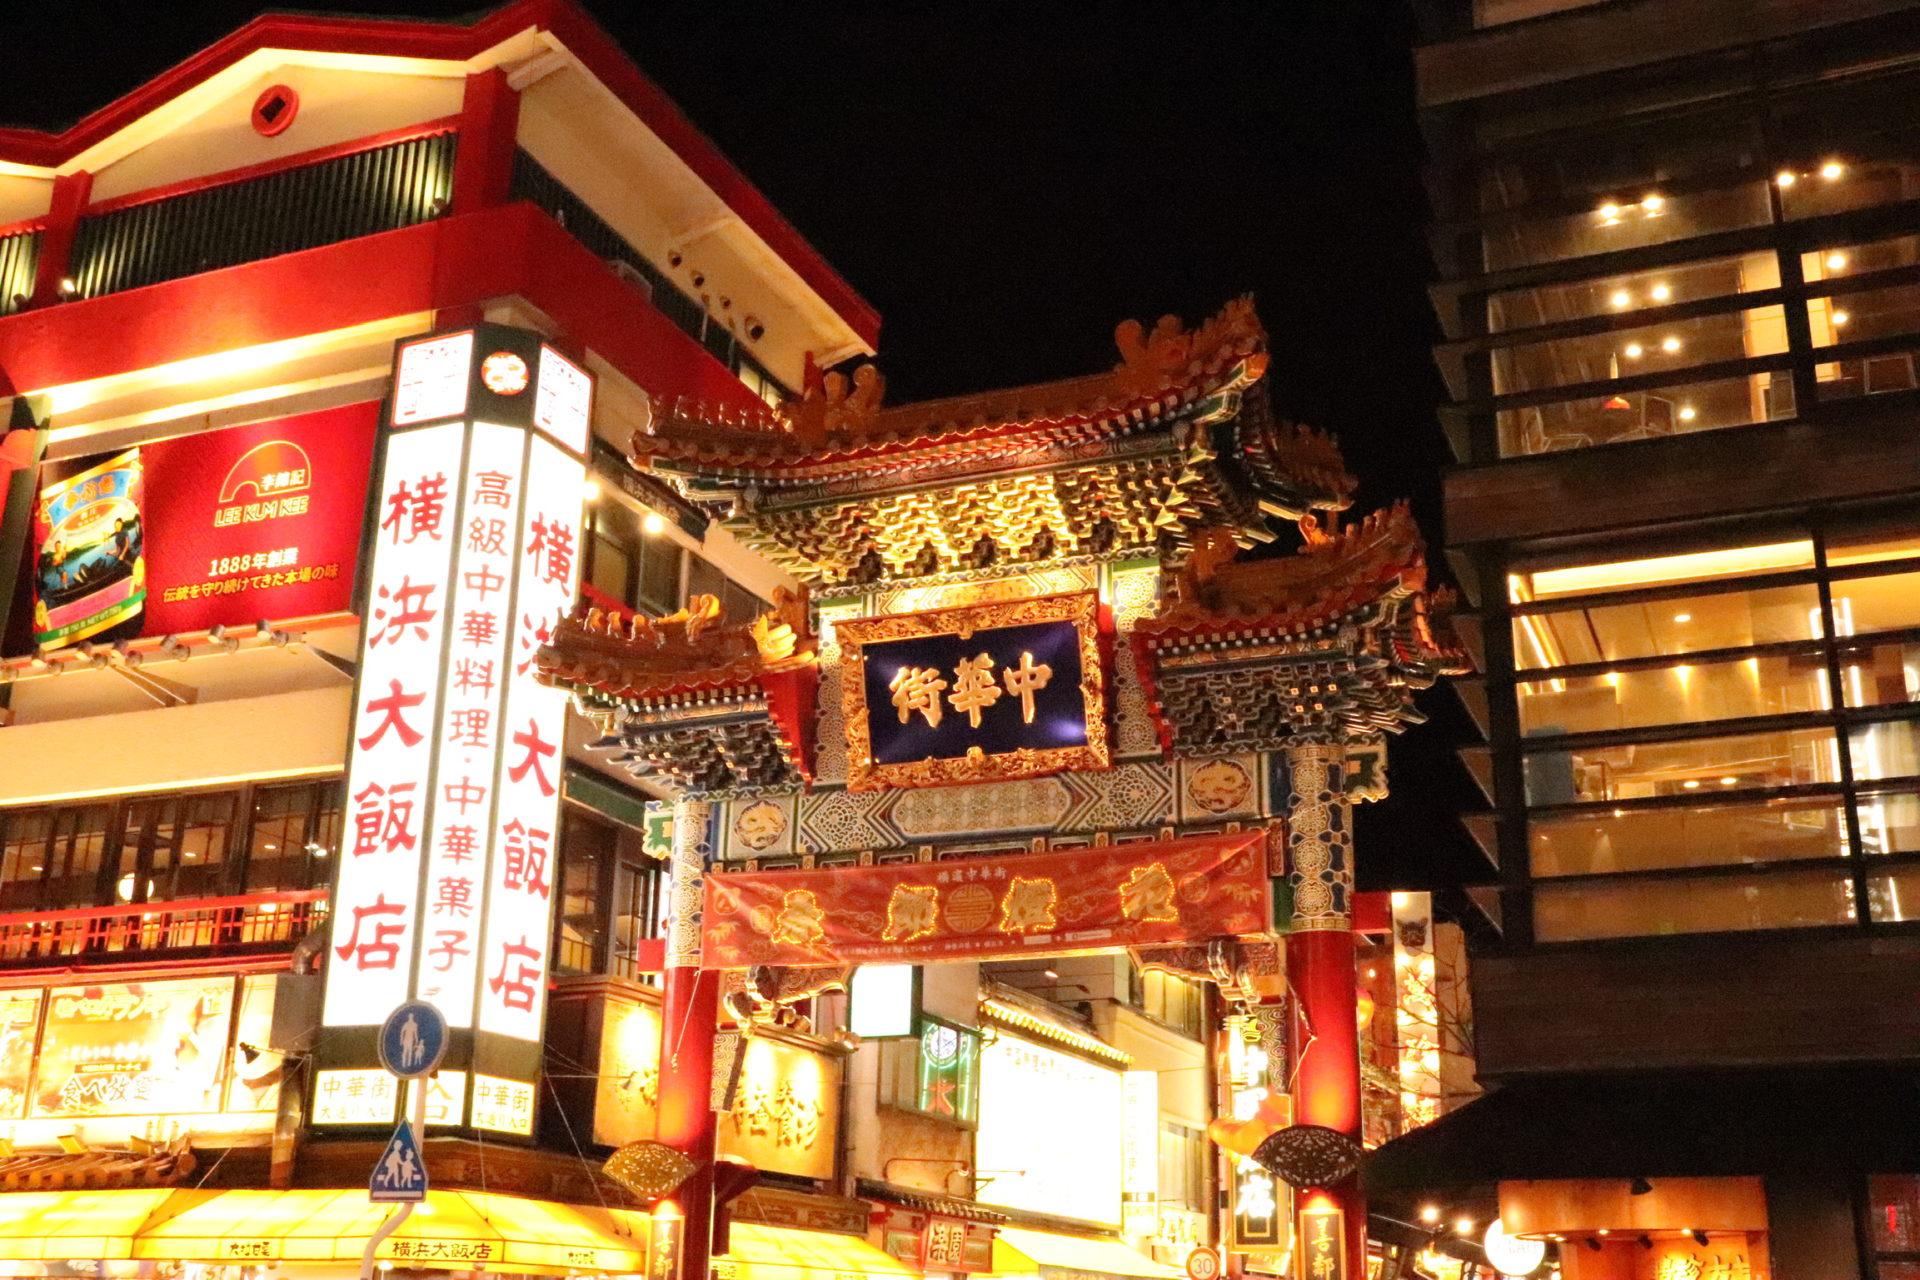 横浜の中心地にある日本最大級の中華街!横浜中華街のリコメンド